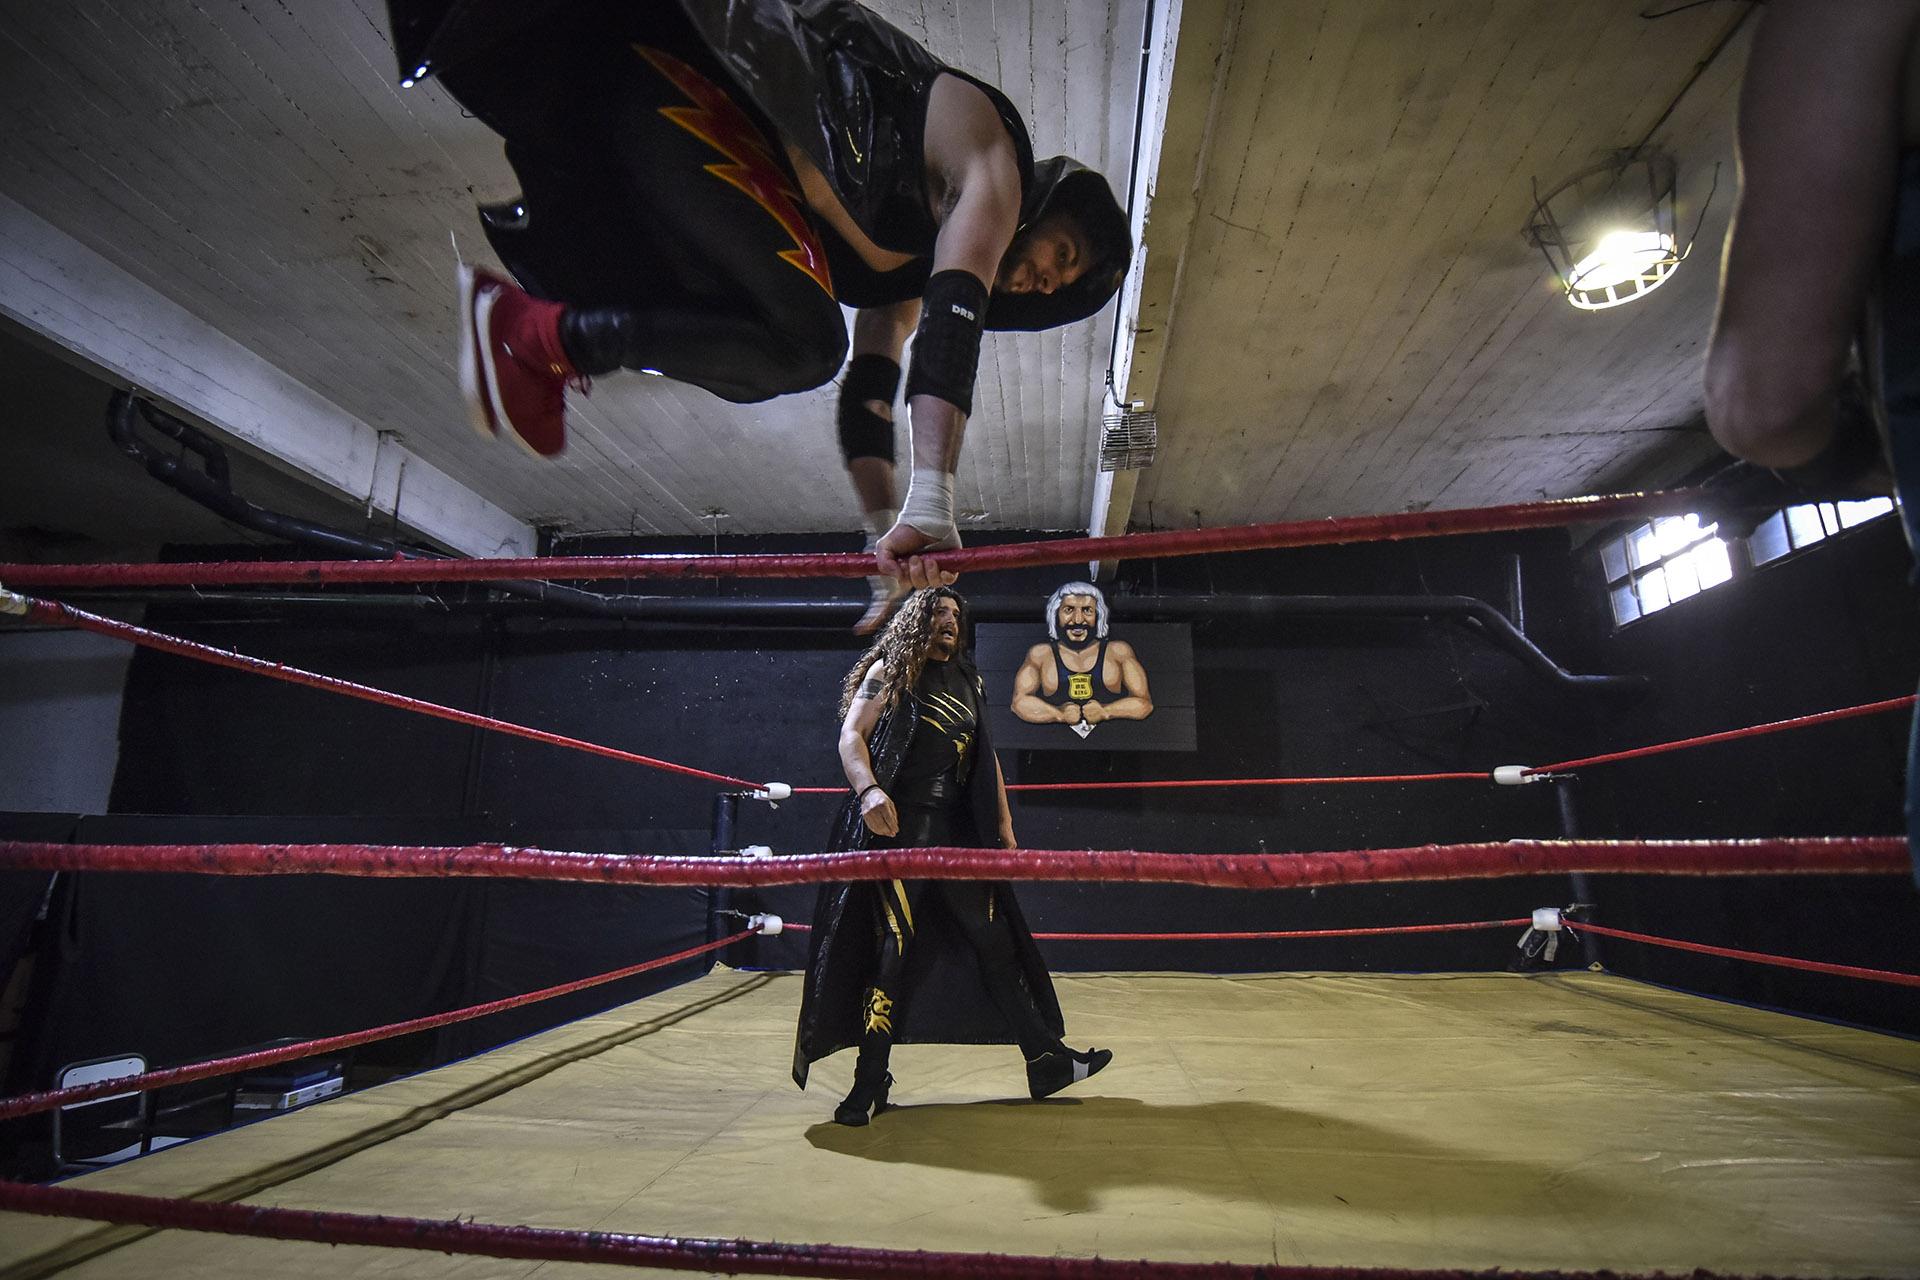 """""""Hasta a mí me dan ganas de meterme al ring cuando los veo así. Y les sale tan bien que hasta parece sencillo"""", se escucha al costado del cuadrilátero, mientras los luchadores vuelan"""